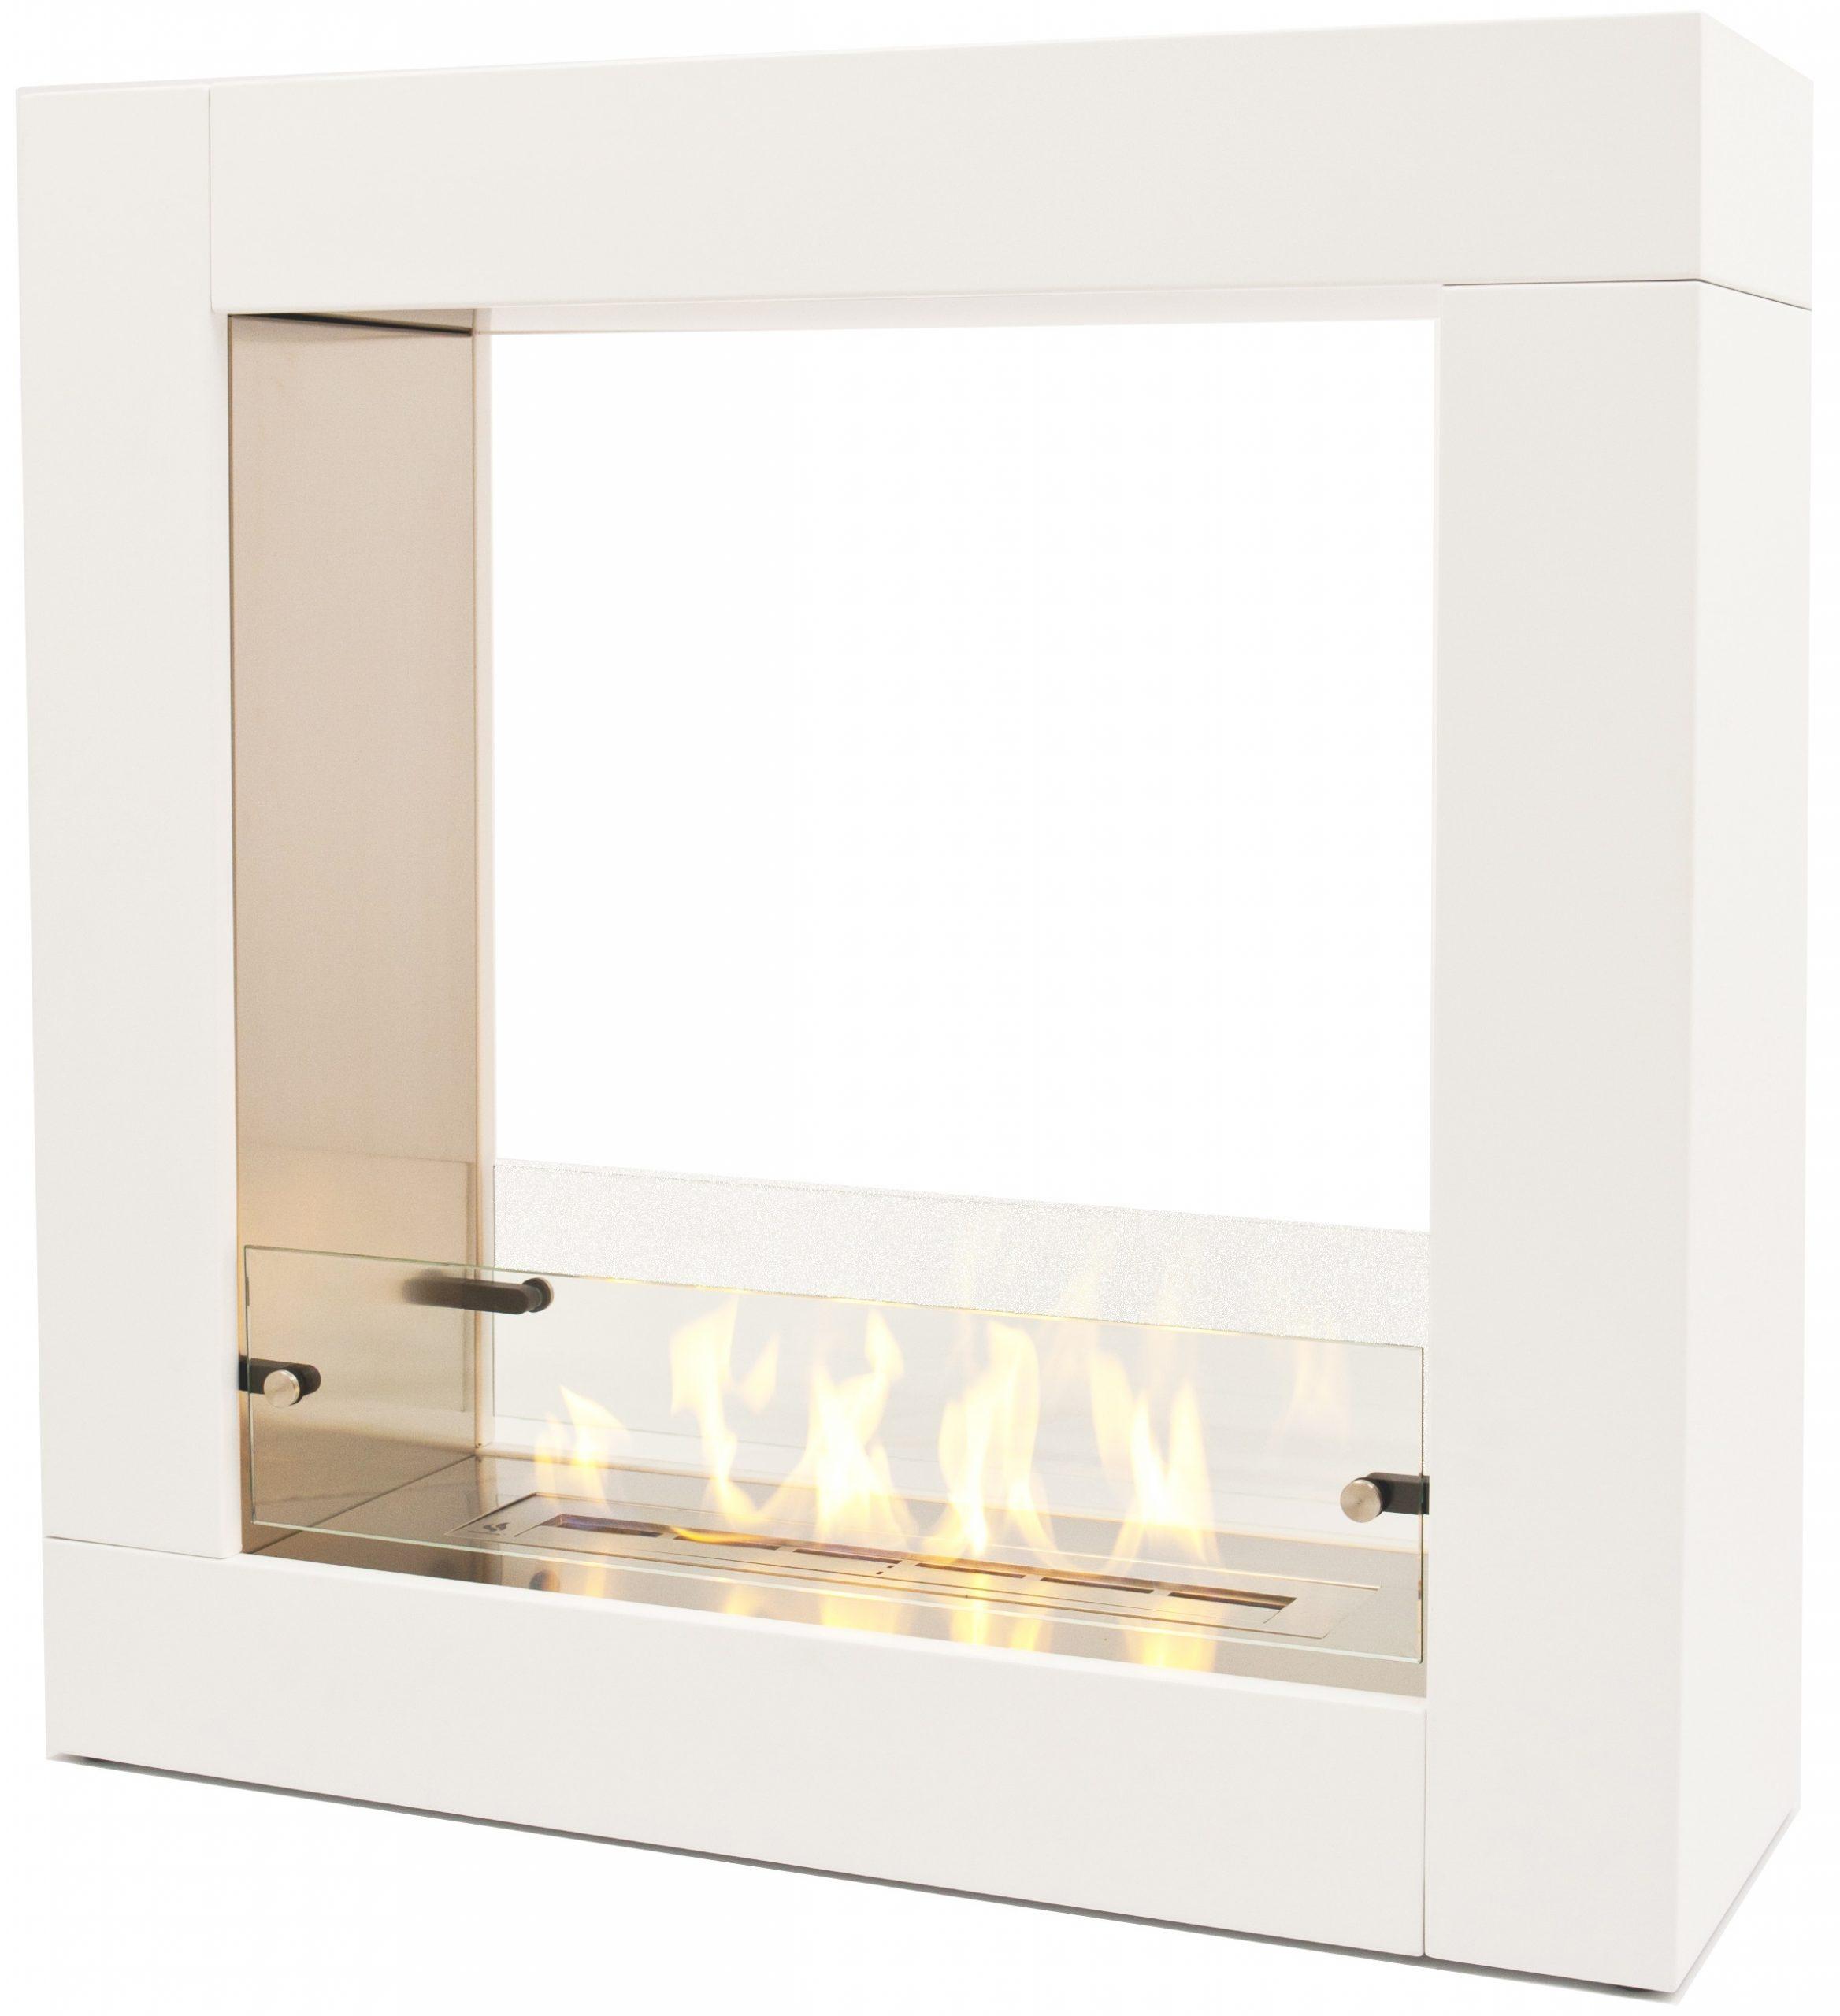 Wimpel Sydney gulvmodell hvit med børstet innside